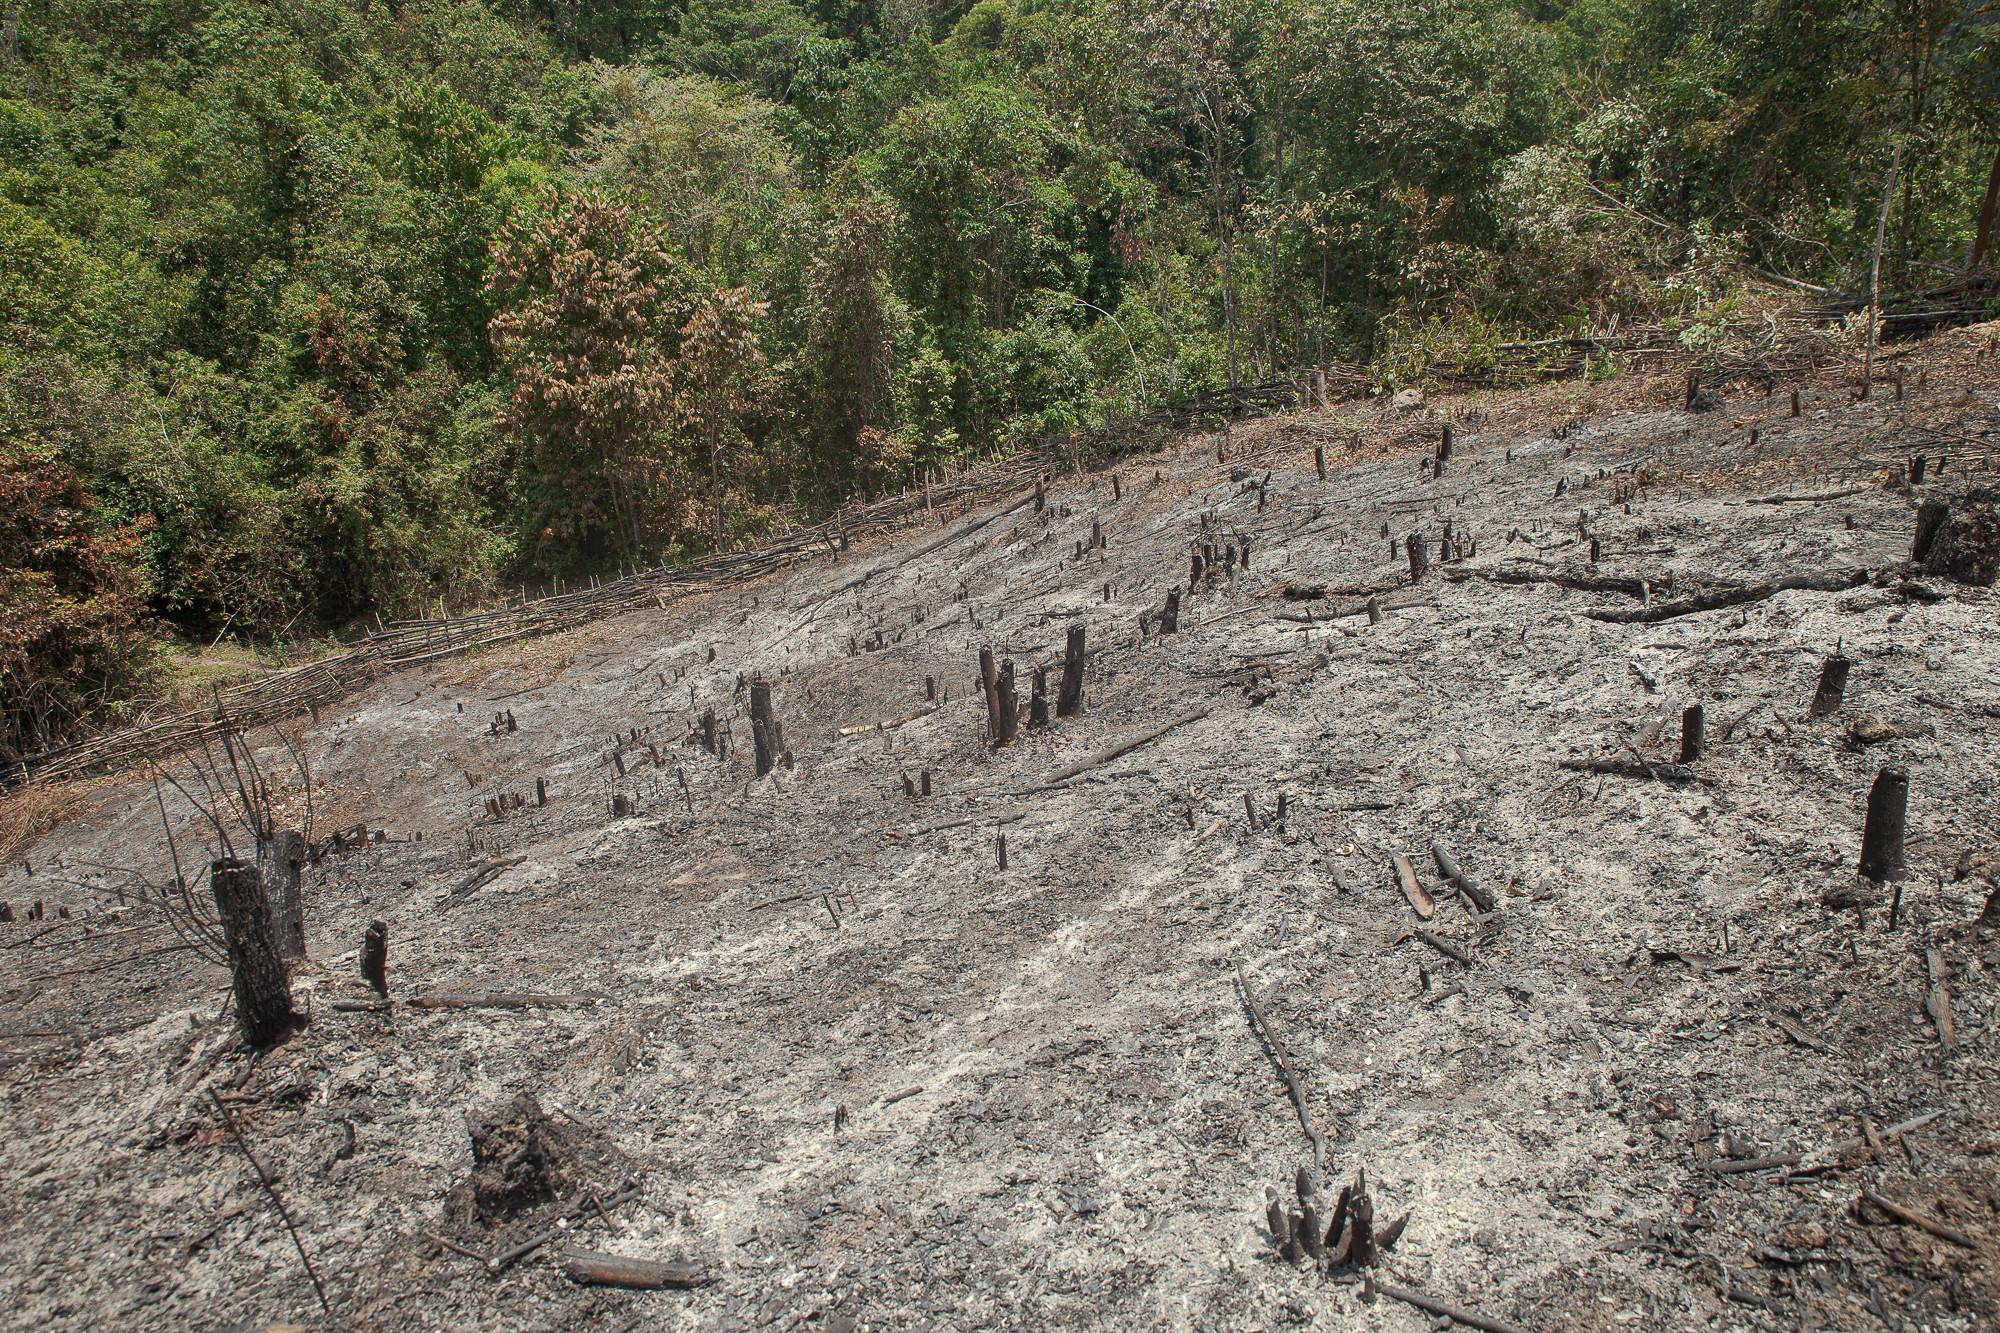 อาณาเขตของพื้นที่ไร่หมุนเวียนที่อยู่ติดกับพื้นที่ไร่เหล่า ซึ่งไรเหล่าที่มีอายุ 5-7 ปีจะมีสภาพใกล้เคียงกับป่าธรรมชาติ มีเพียงชาวบ้านในพื้นที่ที่จะสามรถบอกอายุของไร่เหล่าแต่ละปีได้อย่างถูกต้อง ภาพถ่ายเมื่อ 8 พ.ค. 63 (ที่มา: ณัฐชานันท์ กล้าหาญ)